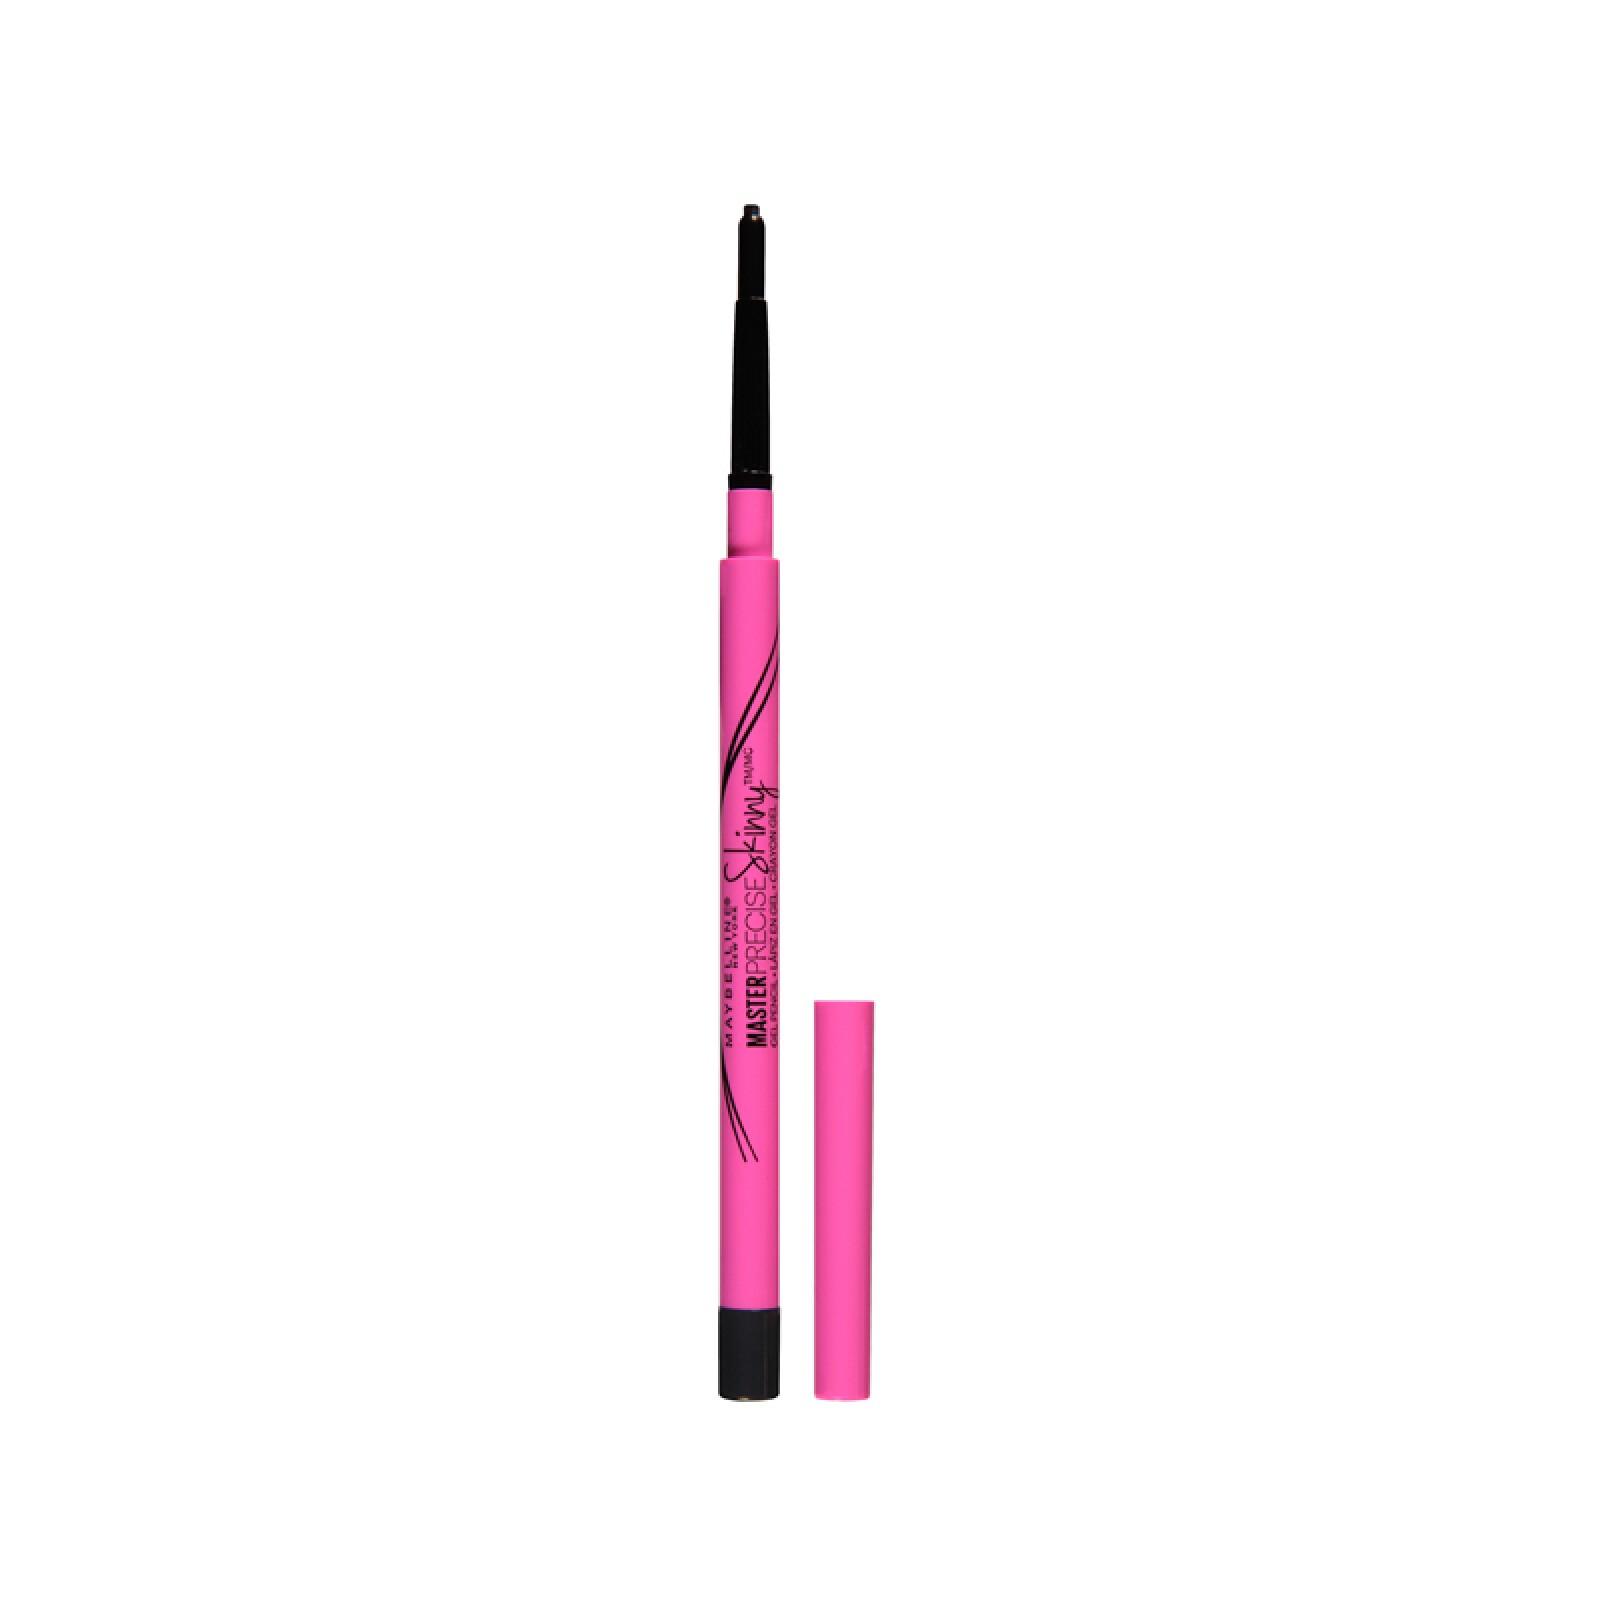 delineadores-delineado-eyeliner-maquillaje-makeup-accesible-barato-maybelline